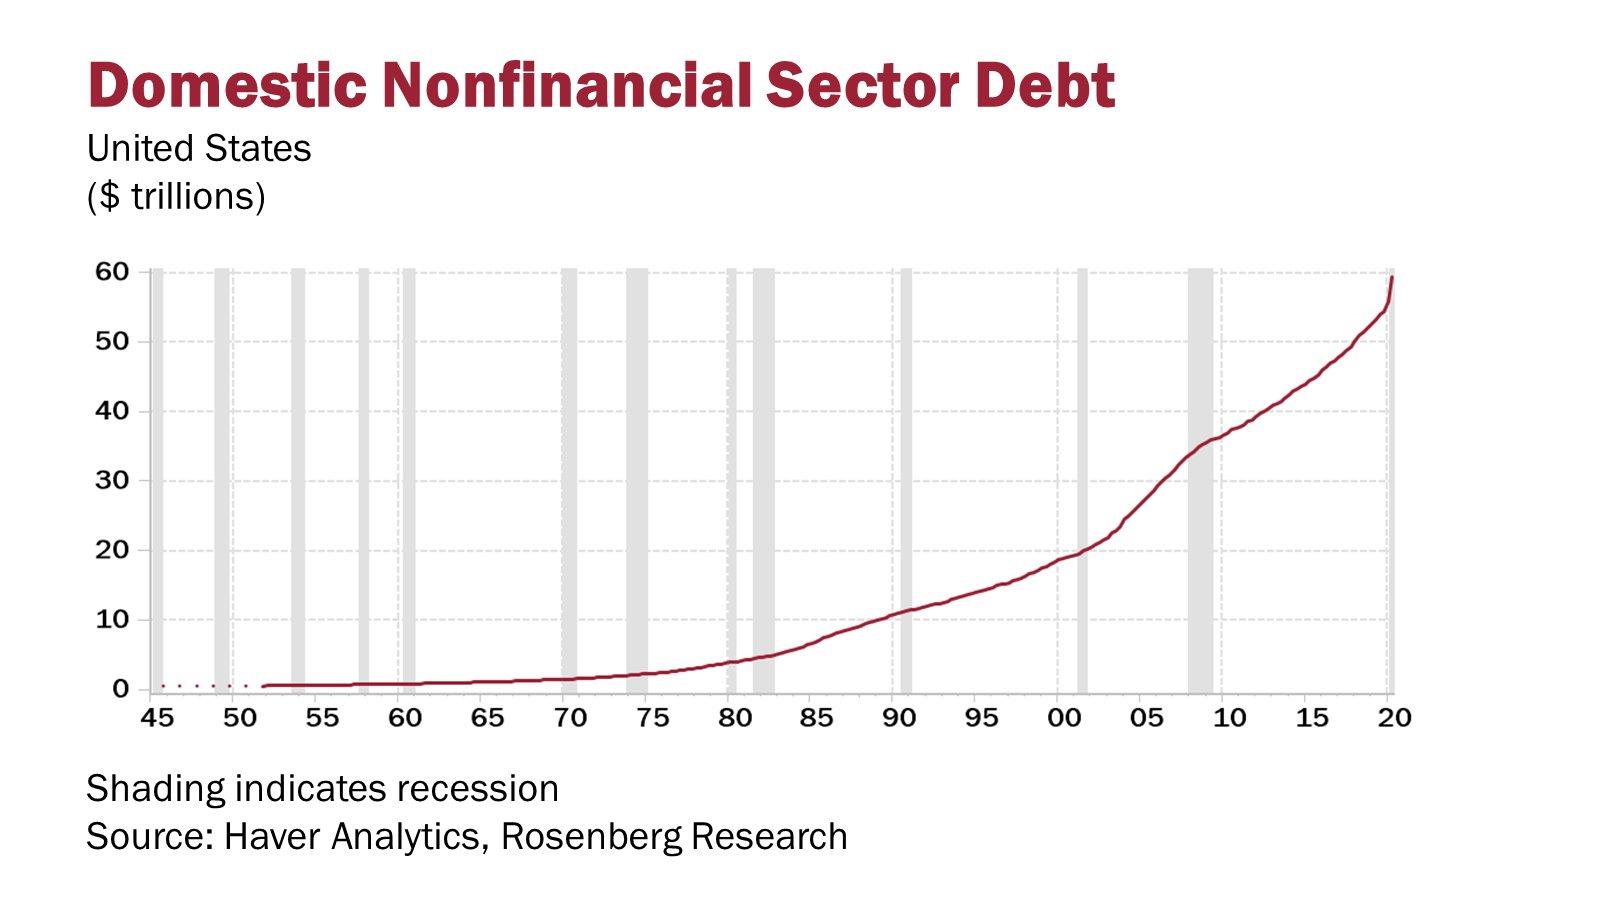 US NON FINANCIAL DEBT